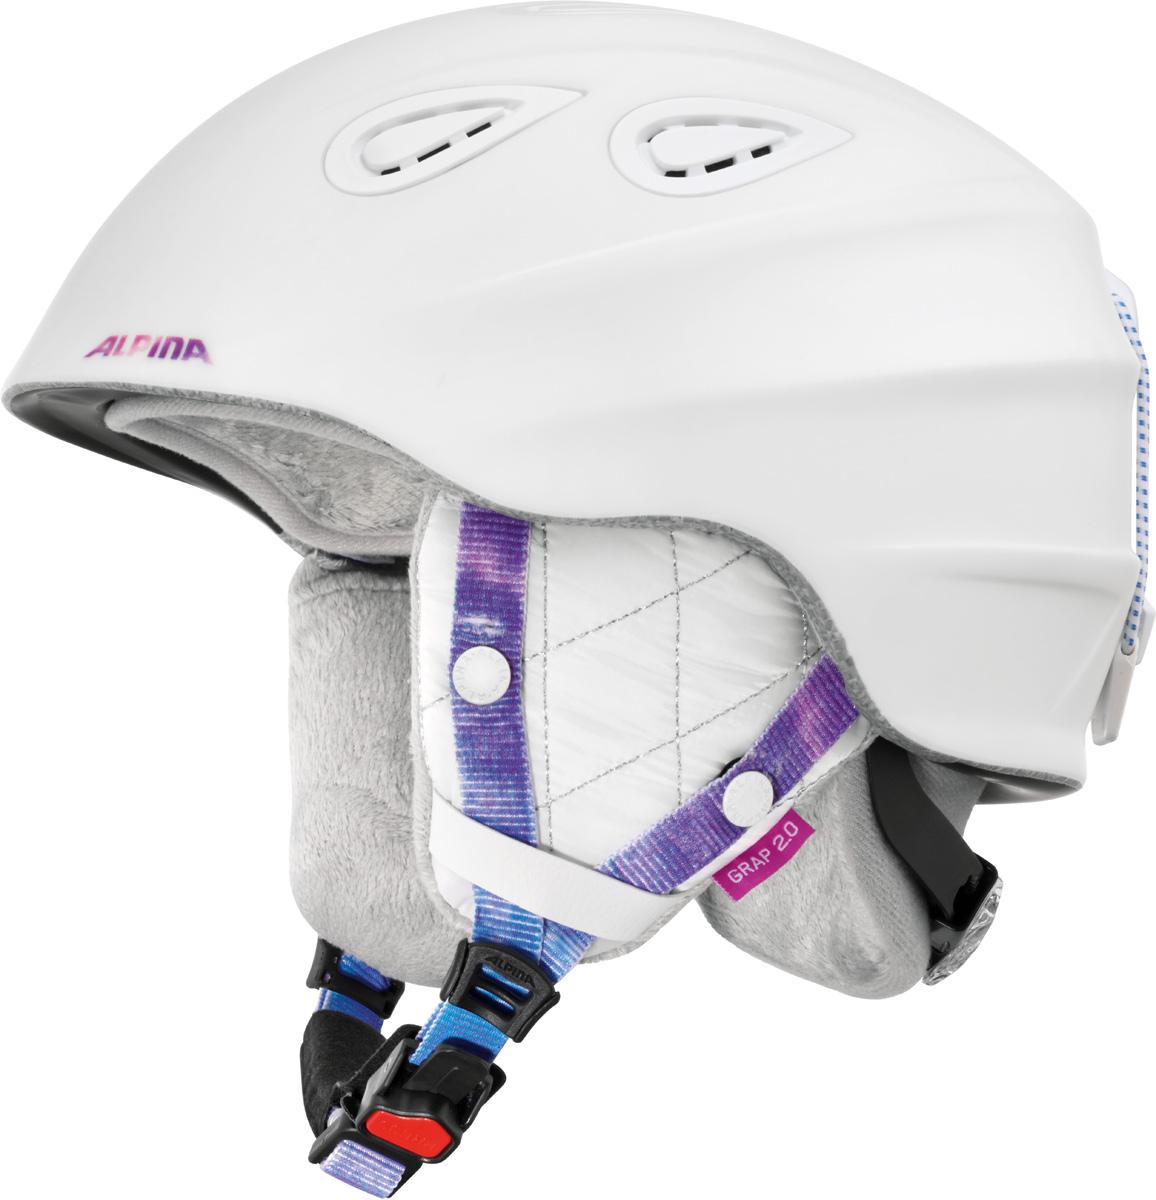 Шлем горнолыжный Alpina Grap 2.0 LE, цвет: белый. A9094_11. Размер 57-61A9094_11Шлем горнолыжный Alpina Grap 2.0 LE - одна из самых популярных моделей в каталоге горнолыжных шлемов Alpina. Надежный, многоцелевой шлем для широкого круга райдеров. L.E. - Limited Edition - ограниченная серия шлемов, выполненная в уникальной расцветке.Интенсивность воздушного потока можно регулировать. Вентиляционные отверстия шлема могут быть открыты и закрыты раздвижным механизмом.Съемные ушки-амбушюры можно снять за секунду и сложить в карман лыжной куртки. Если вы наслаждаетесь катанием в начале апреля, такая возможность должна вас порадовать. А когда температура снова упадет - щелк и вкладыш снова на месте.Внутренник шлема легко вынимается, стирается, сушится и вставляется обратно.Прочная и легкая конструкция In-mold. Тонкая и прочная поликарбонатная оболочка под воздействием высокой температуры и давления буквально сплавляется с гранулами EPS, которые гасят ударную нагрузку.Внутренняя оболочка каждого шлема Alpina состоит из гранул HI-EPS (сильно вспененного полистирола). Микроскопические воздушные карманы эффективно поглощают ударную нагрузку и обеспечивают высокую теплоизоляцию. Эта технология позволяет достичь минимальной толщины оболочки. А так как гранулы HI-EPS не впитывают влагу, их защитный эффект не ослабевает со временем.Из задней части шлема можно достать шейный утеплитель из мягкого микро-флиса. Этот теплый воротник также защищает шею от ударов на высокой скорости и при сибирских морозах. В удобной конструкции отсутствуют точки давления на шею.Вместо фастекса на ремешке используется красная кнопка с автоматическим запирающим механизмом, которую легко использовать даже в лыжных перчатках. Механизм защищен от произвольного раскрытия при падении.Ручка регулировки Run System Classic в задней части шлема позволяет за мгновение комфортно усадить шлем на затылке.Y-образный ремнераспределитель двух ремешков находится под ухом и обеспечивает быструю и точную посадку шлема на го